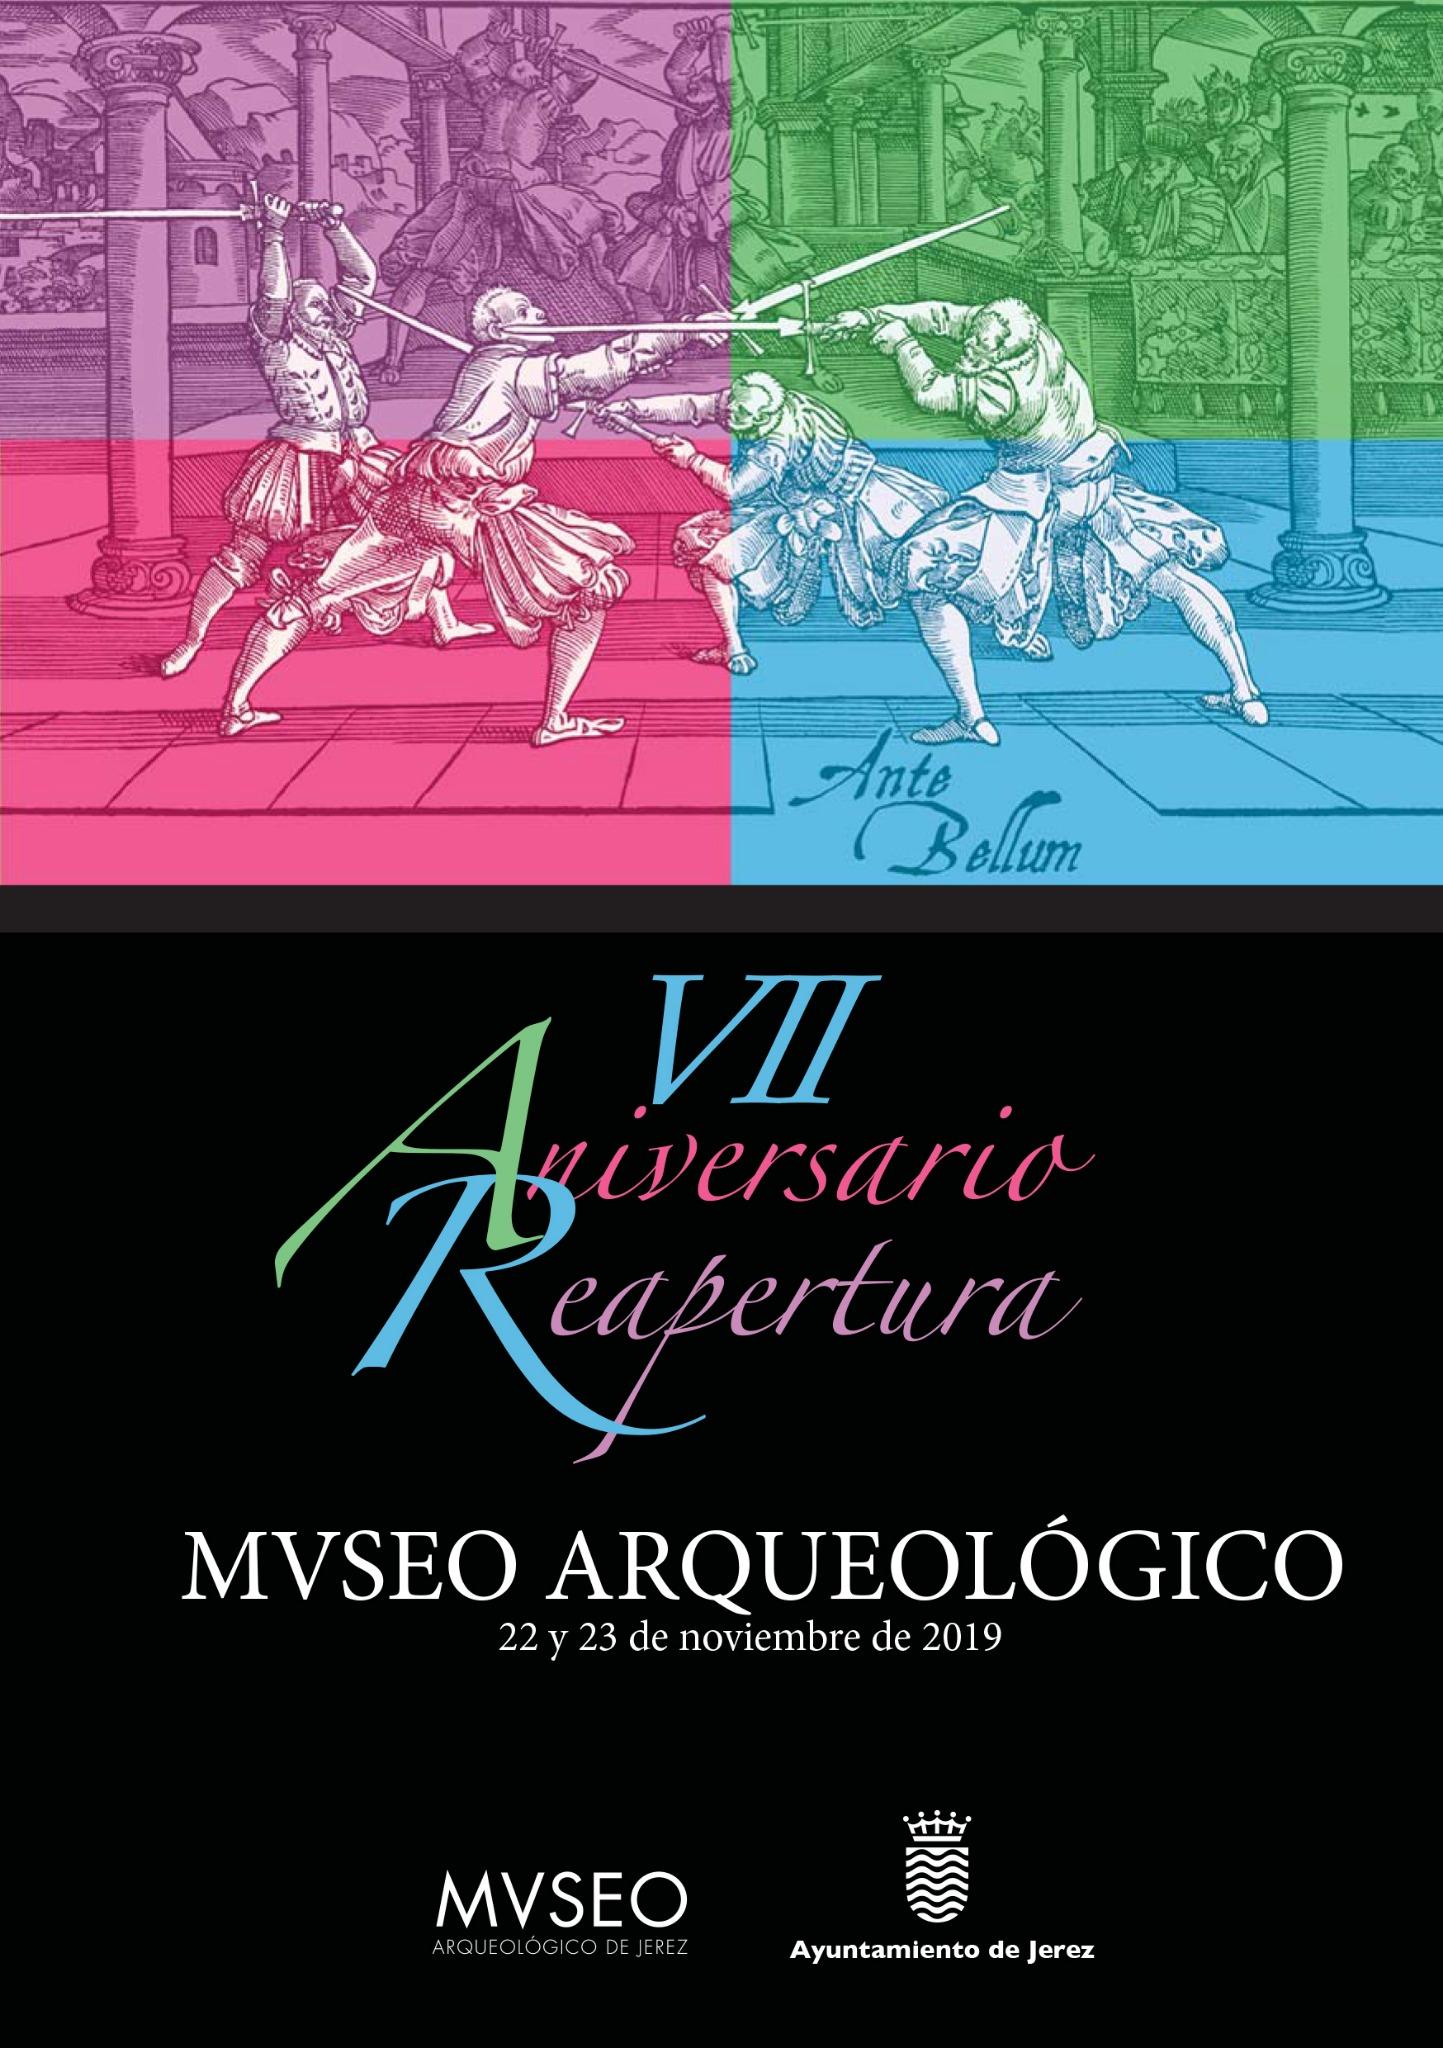 VII REAPERTURA MUSEO ARQUEOLÓGICO DE JEREZ Familia con Niños (JEREZ))